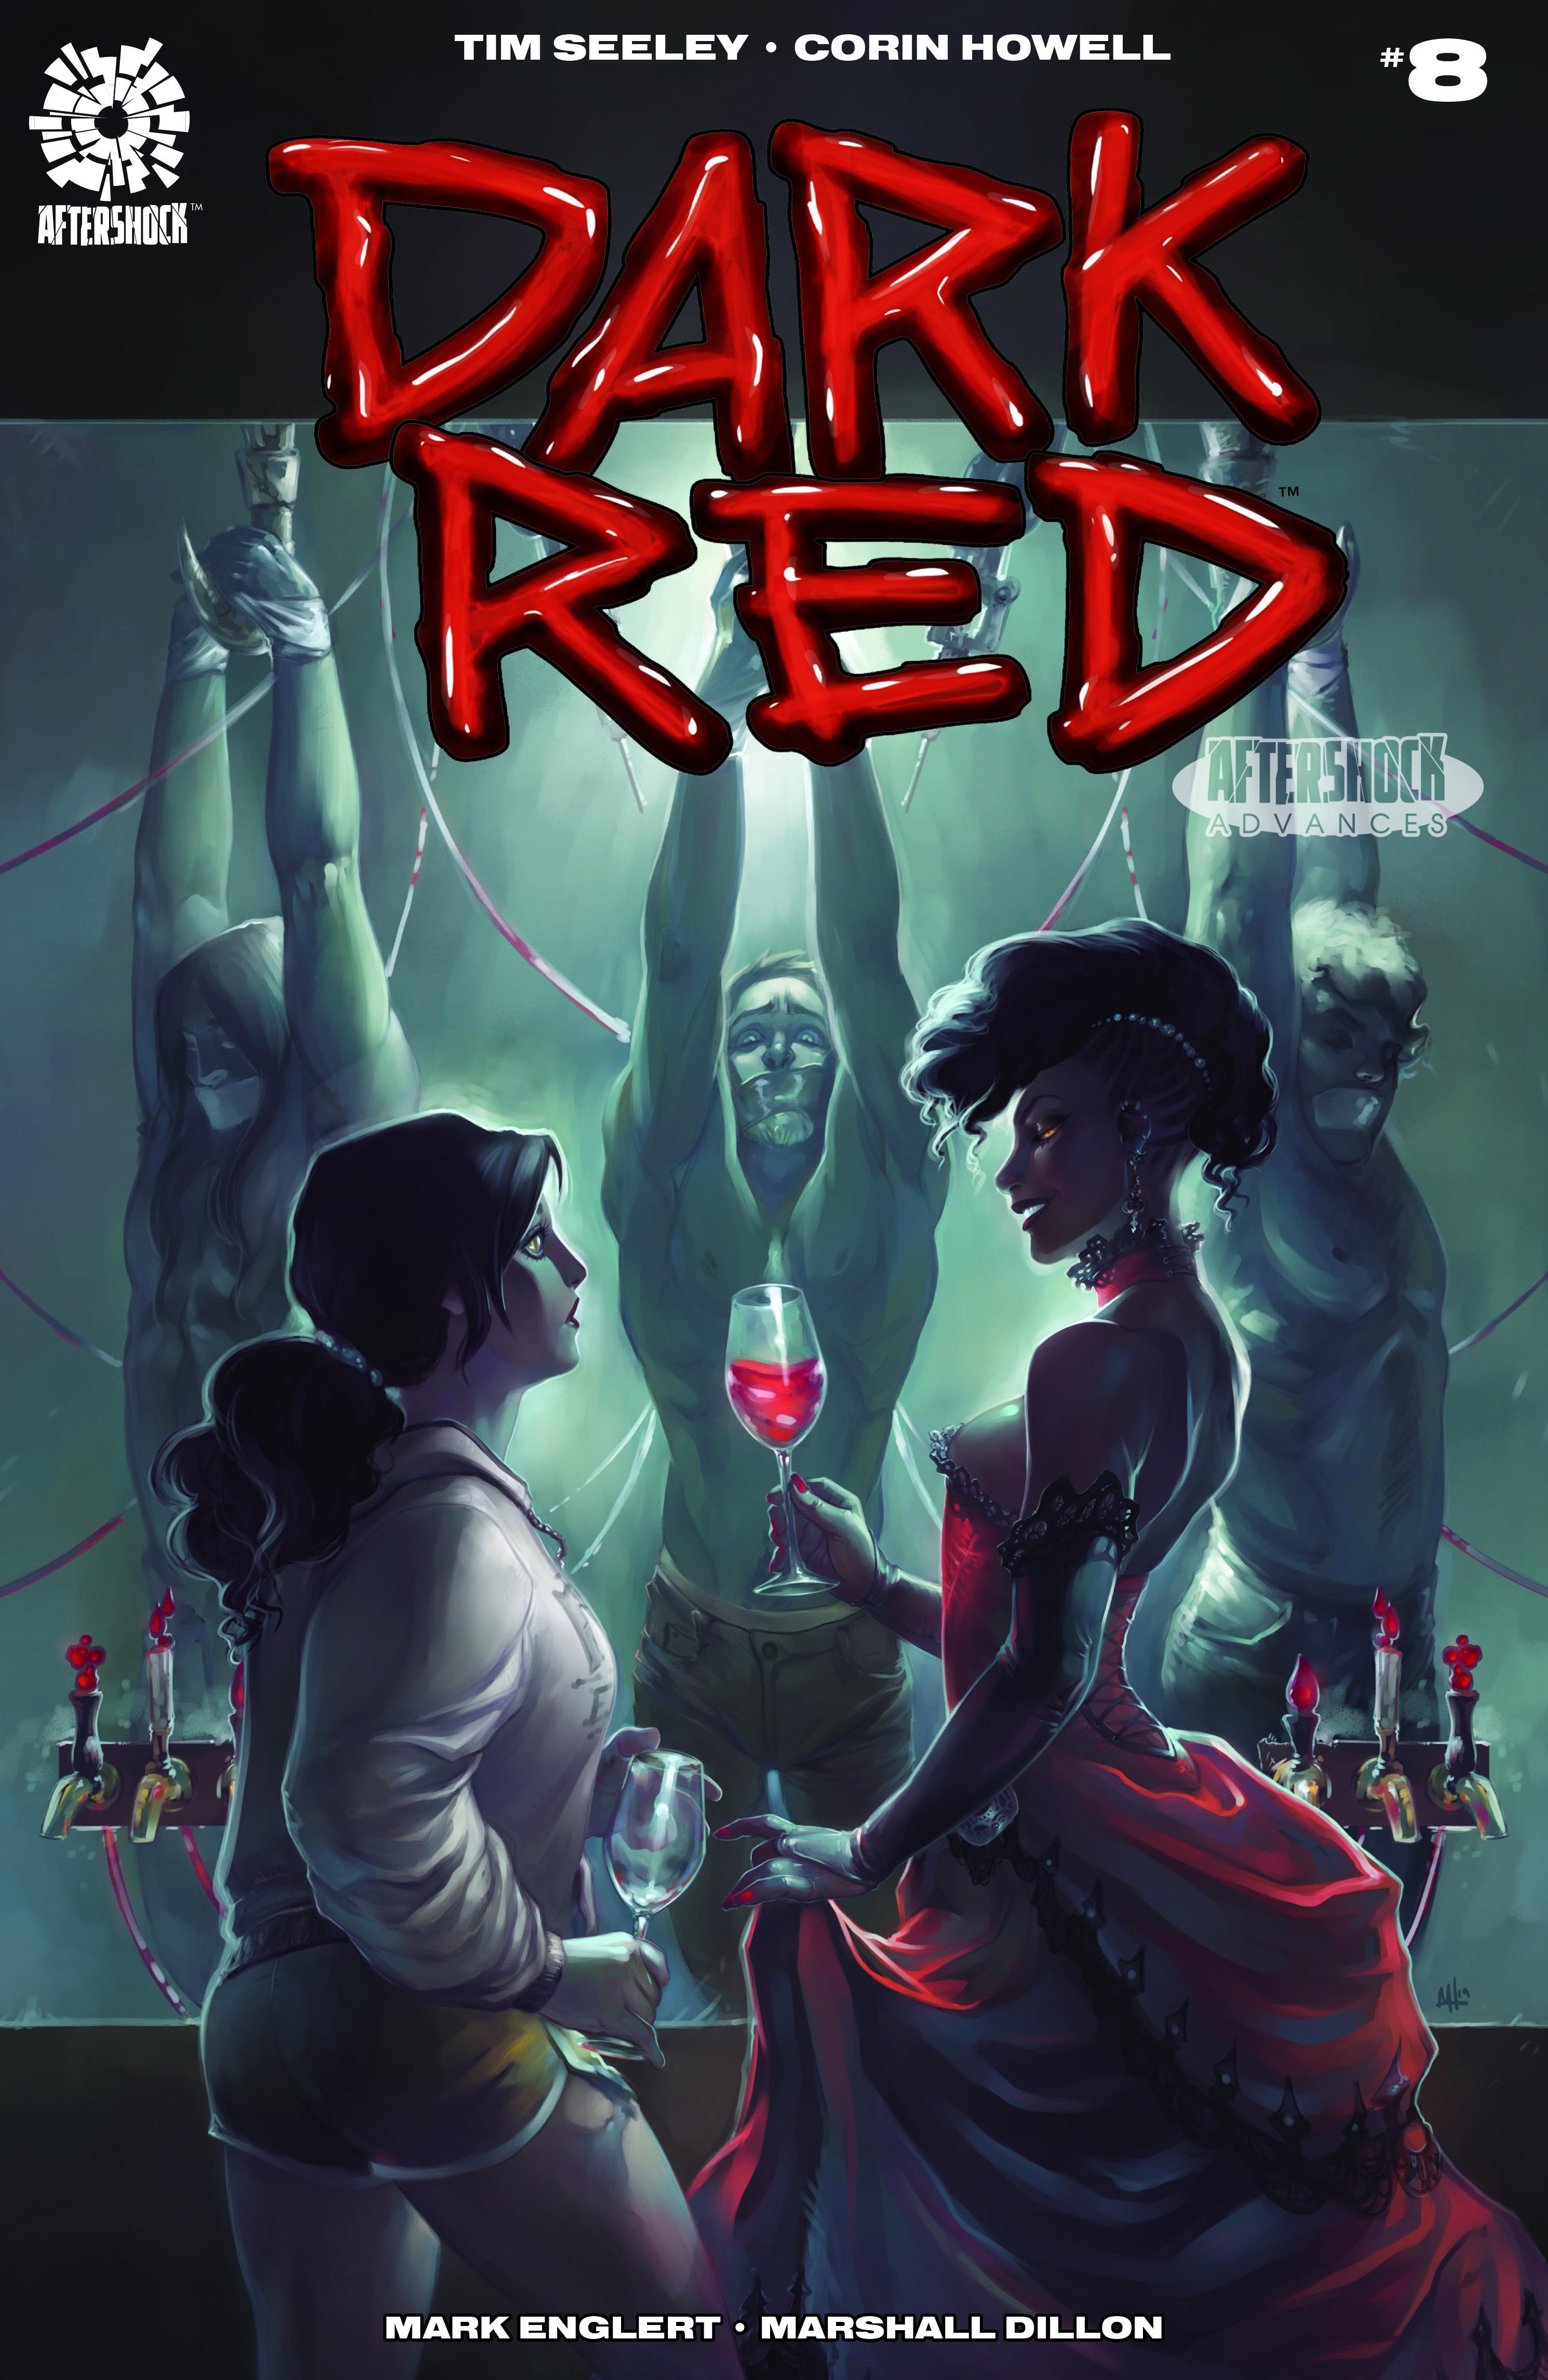 Meghan Hetrick Cover Aftershock 2019 Dark Red #8